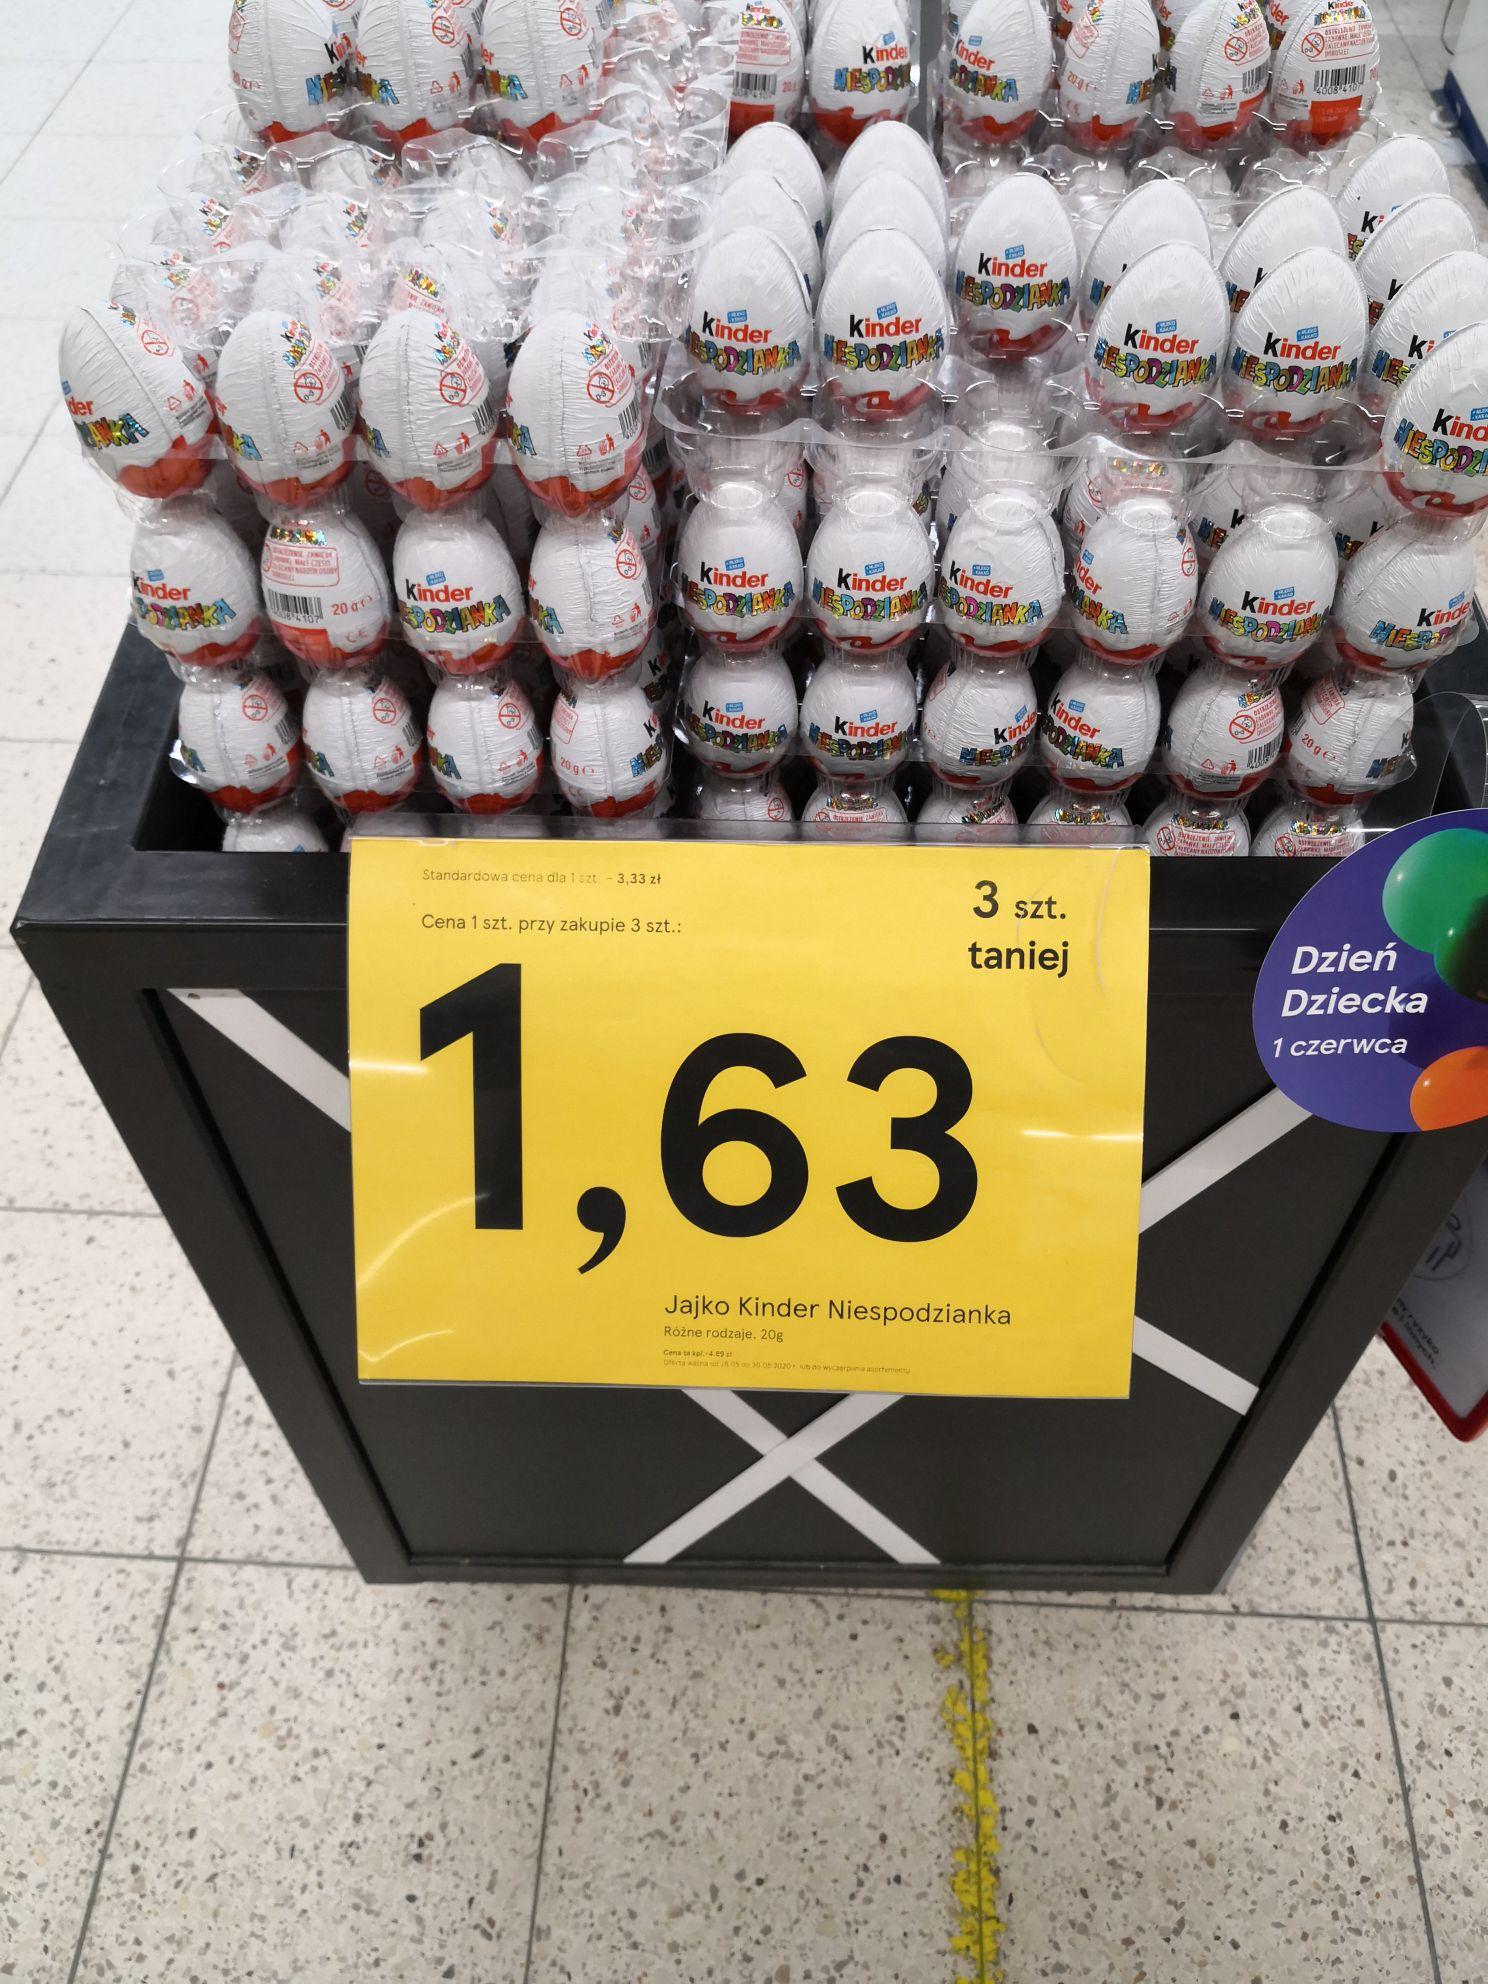 Jajko niespodzianka 1,63zl/szt przy zakupie 3szt -Tesco